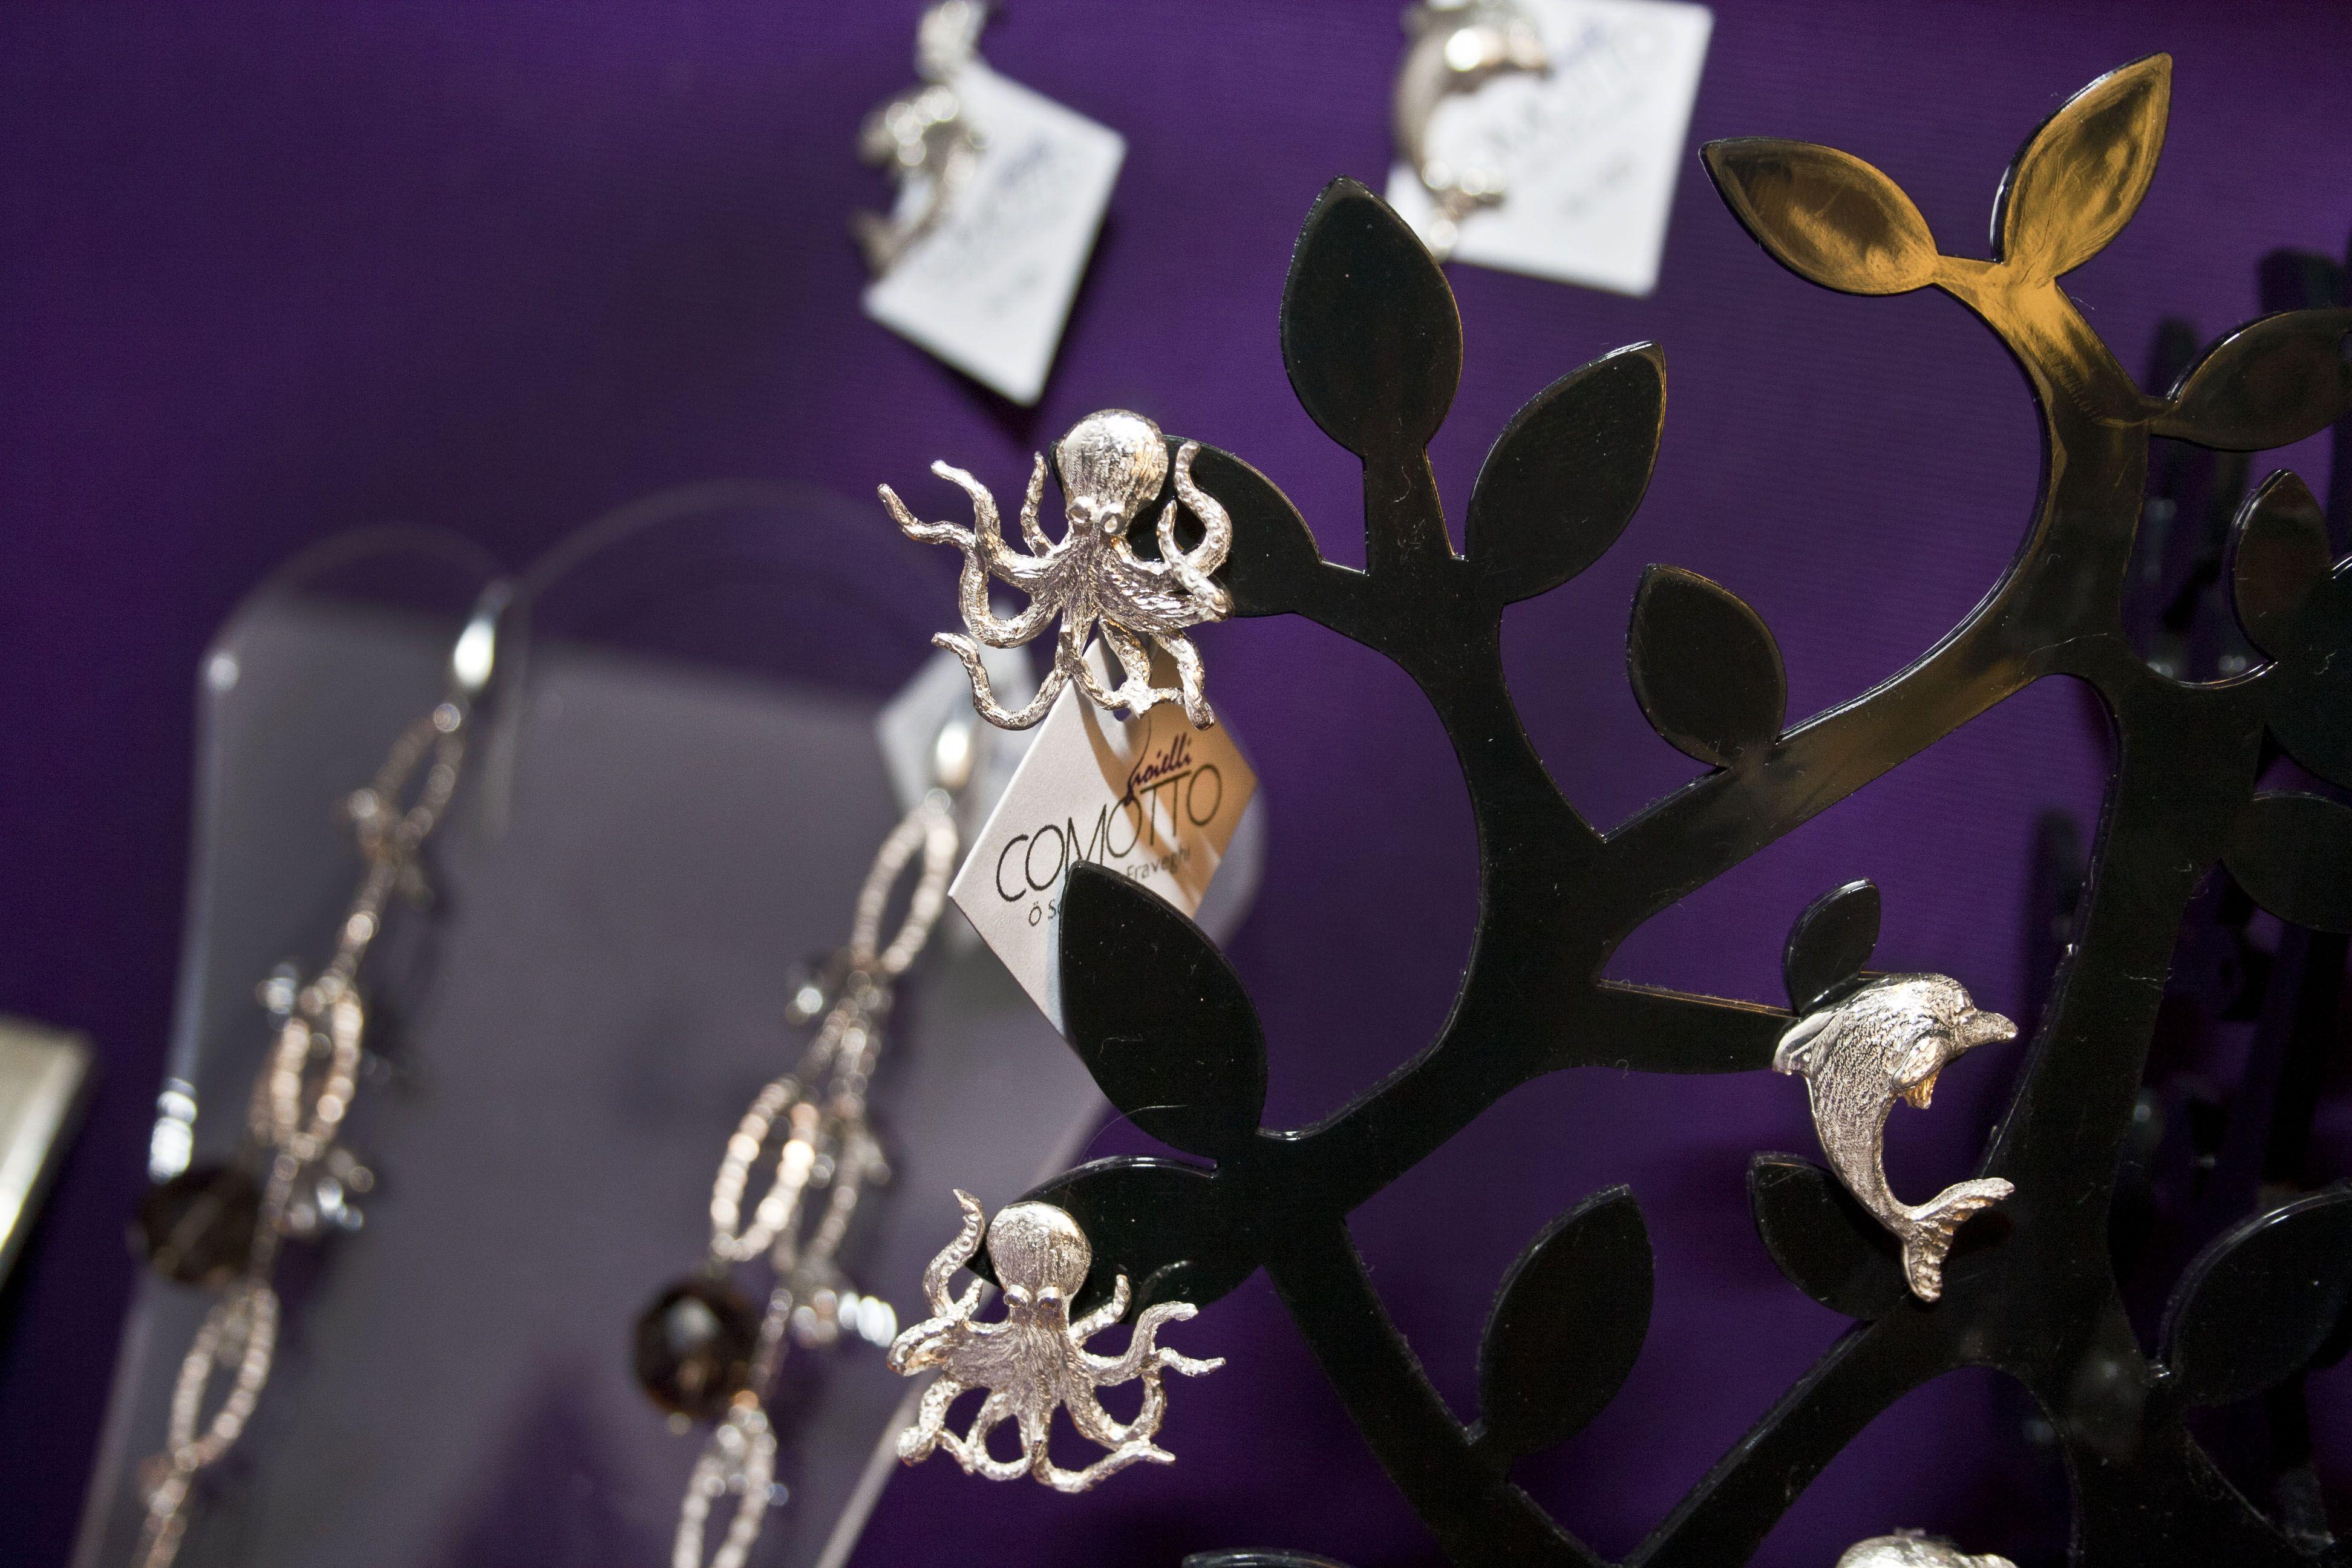 Polpetti d'argento - Comotto gioielli